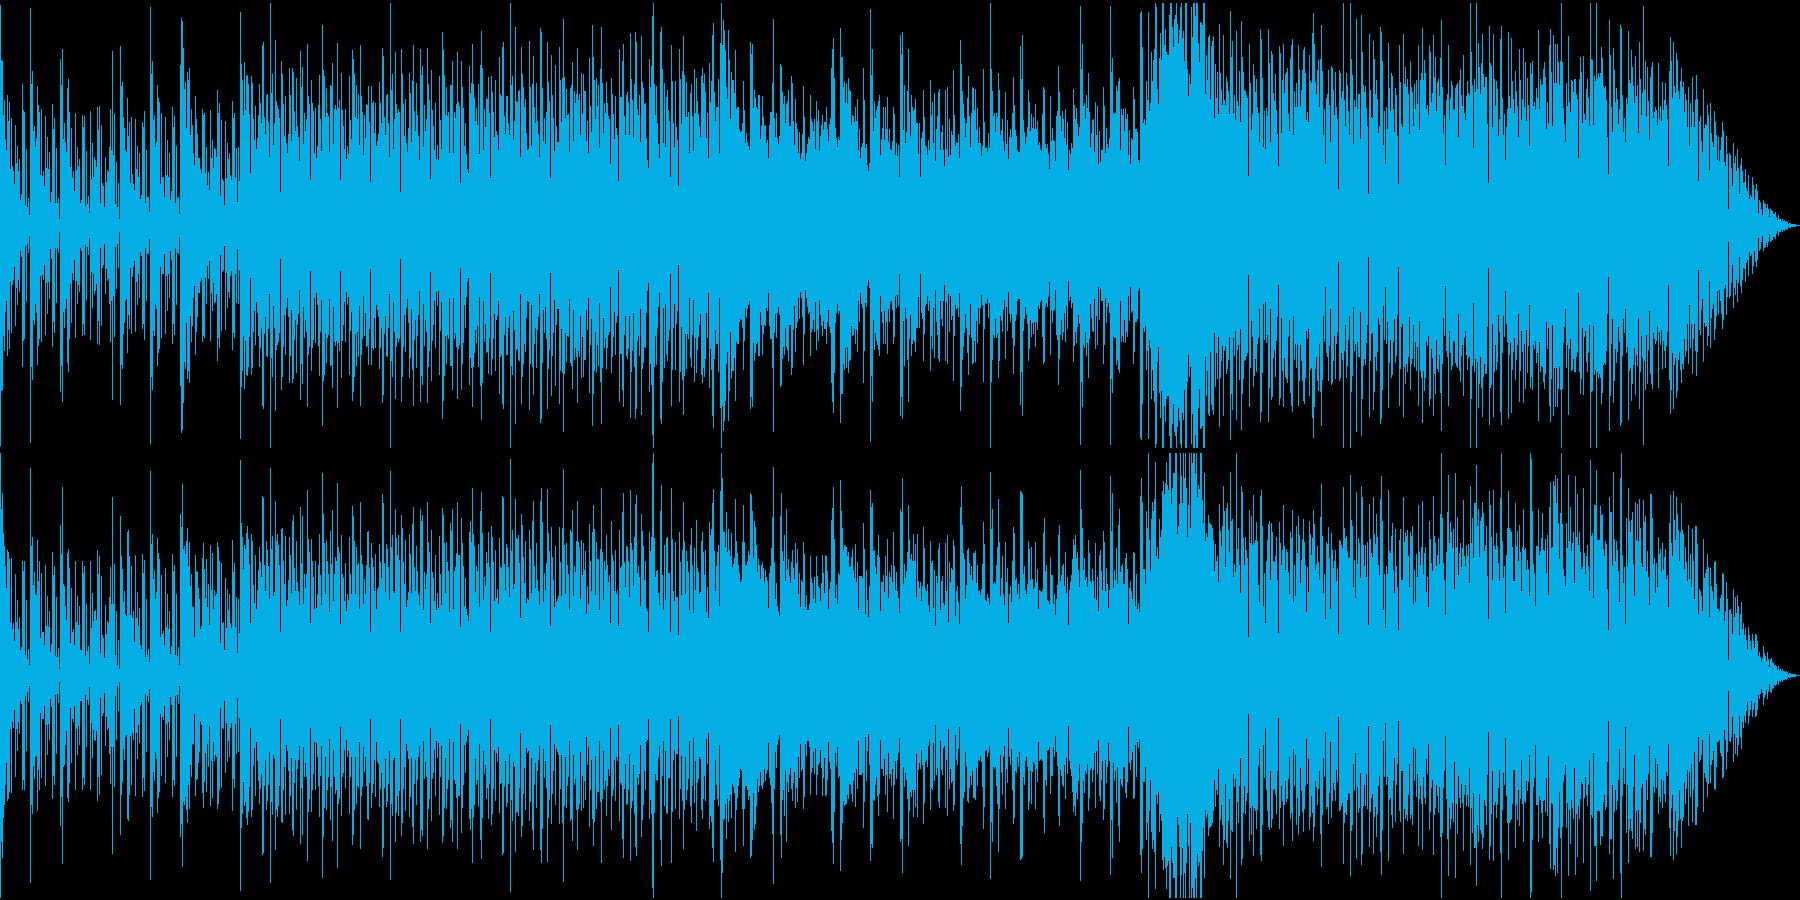 軽快なリズムに秋の始まりをかんじさせる曲の再生済みの波形